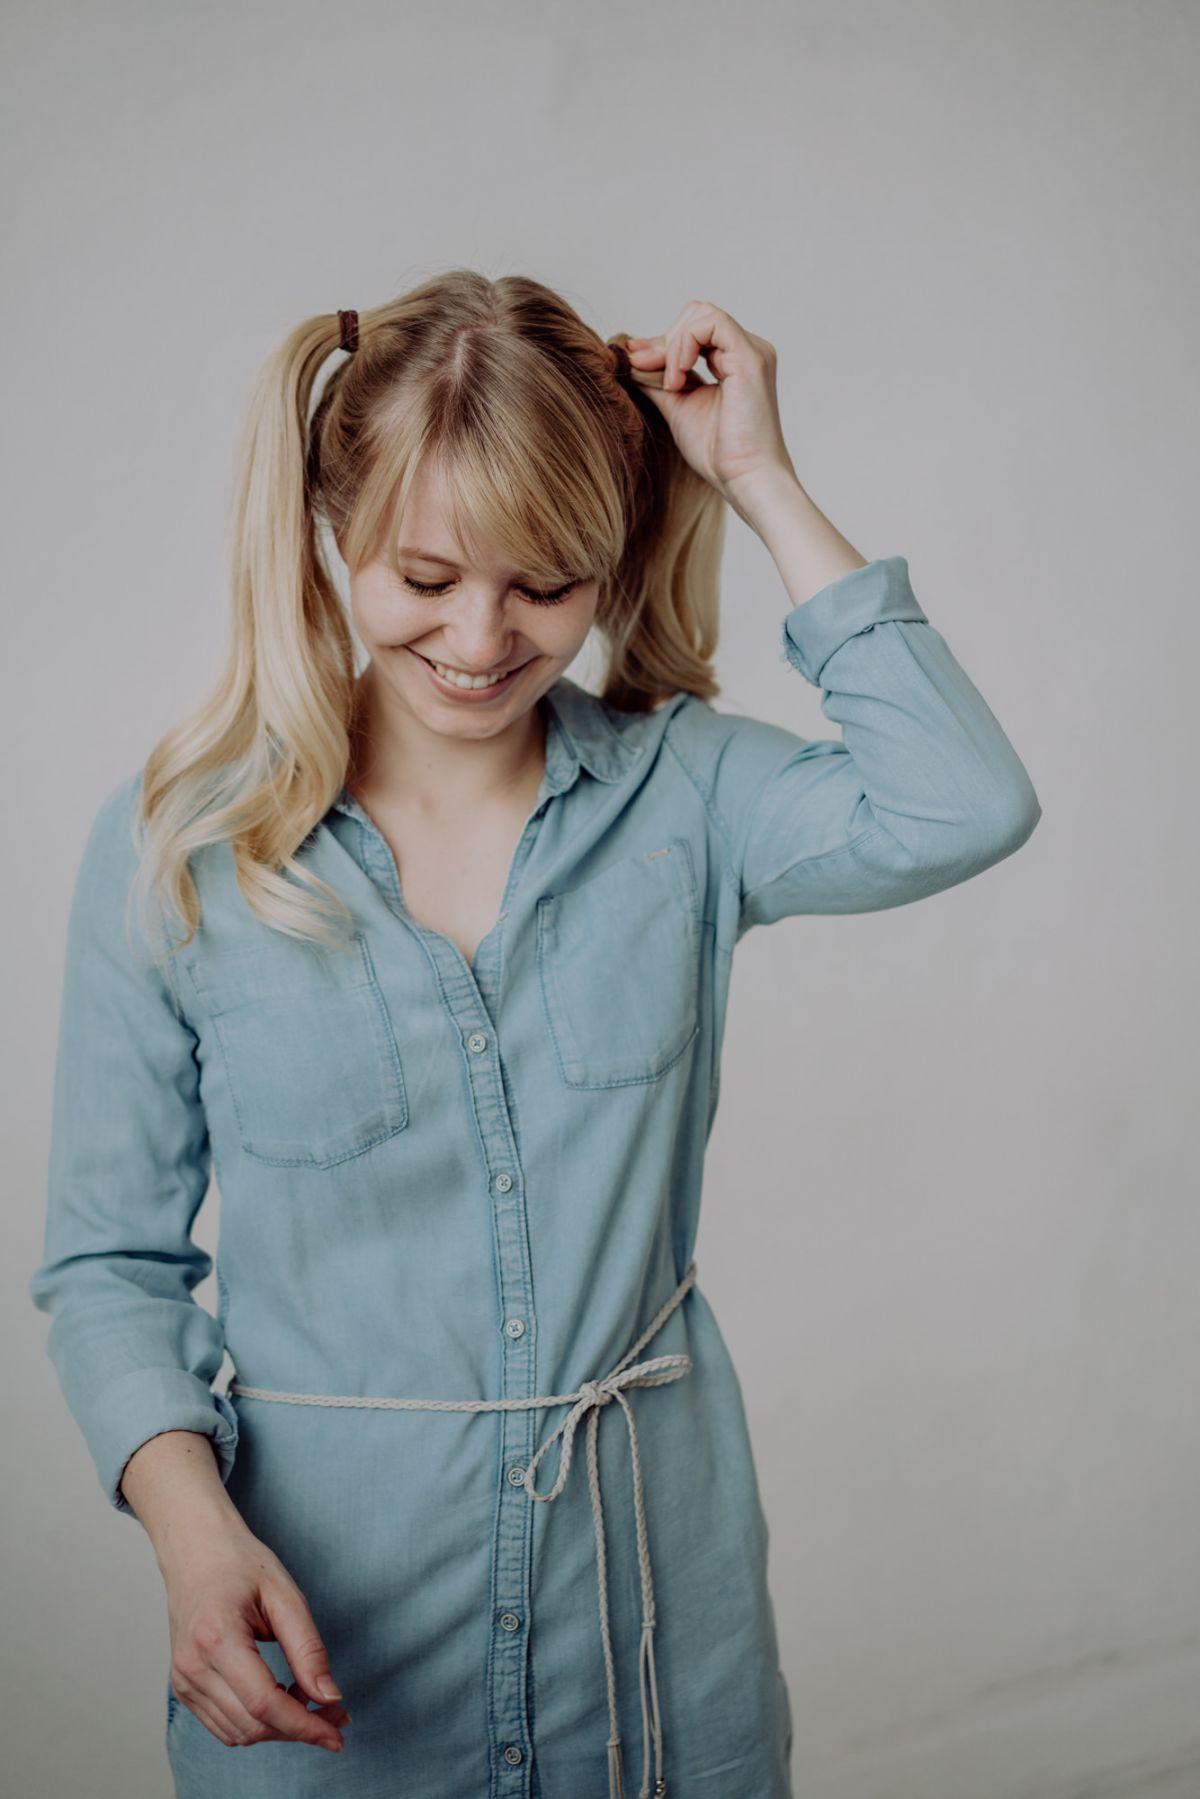 Blonde junge Frau mit langen Zöpfen lachend vor weißem Hintergrund, Leipzig ISO-Studios